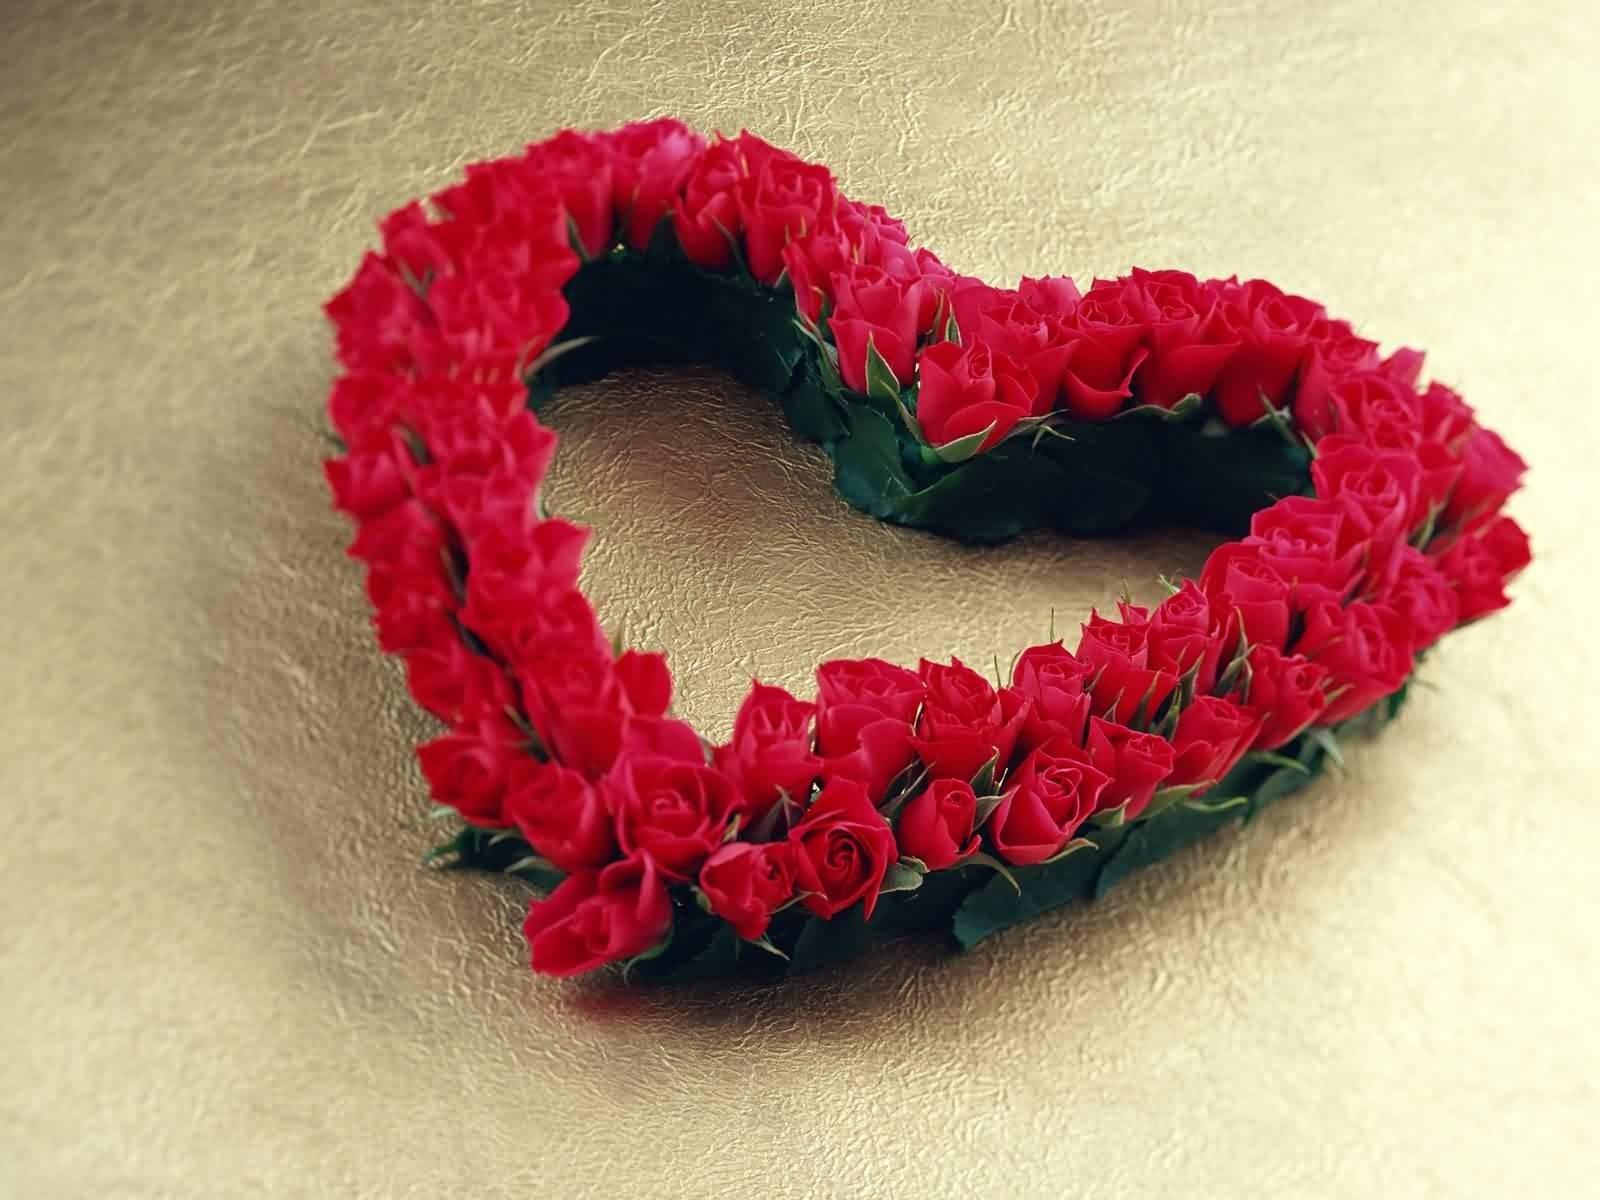 http://2.bp.blogspot.com/-84qjvYIRhpU/UAQRJkPastI/AAAAAAAAAxE/xfVXjY_rU-E/s1600/Valentines%20Day%20Rose%20Heart%20HD%20Wallpaper.jpg